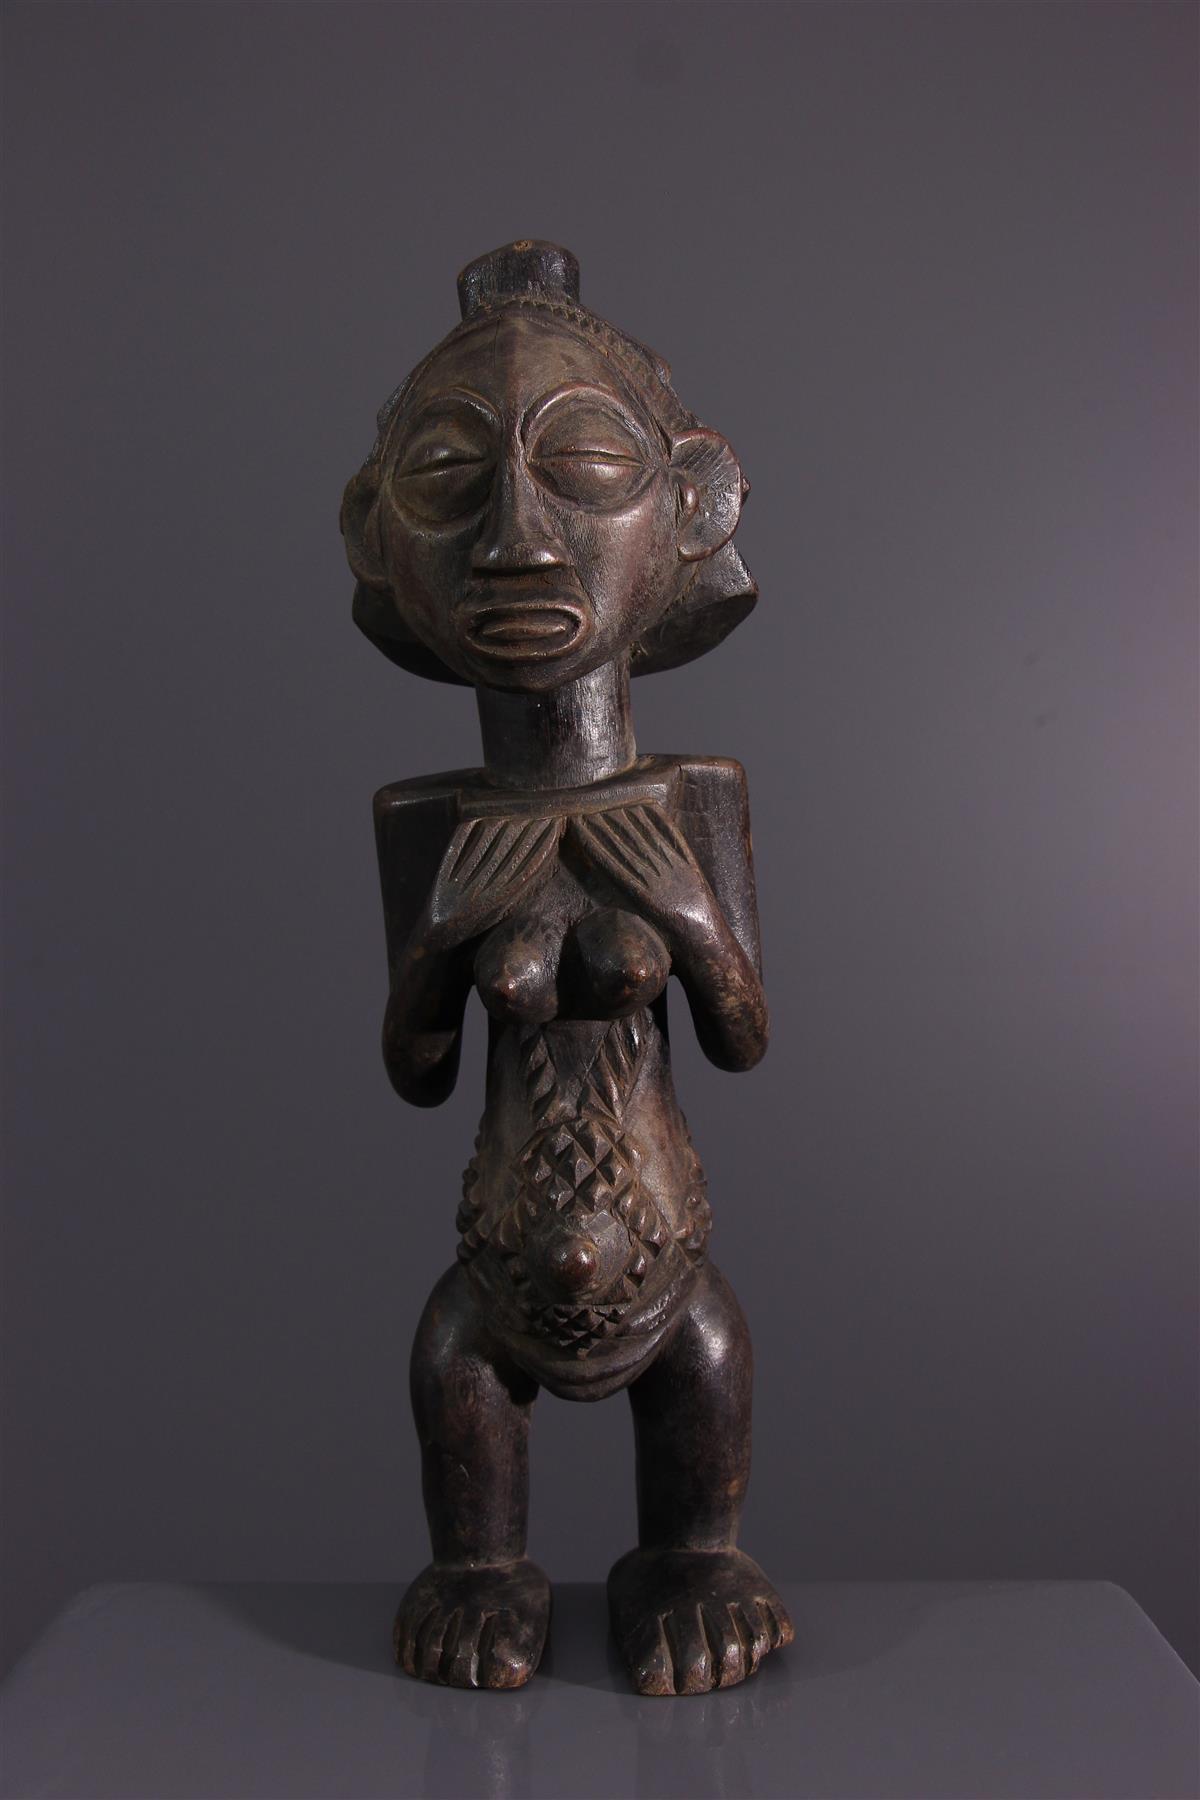 Luba figure - African art